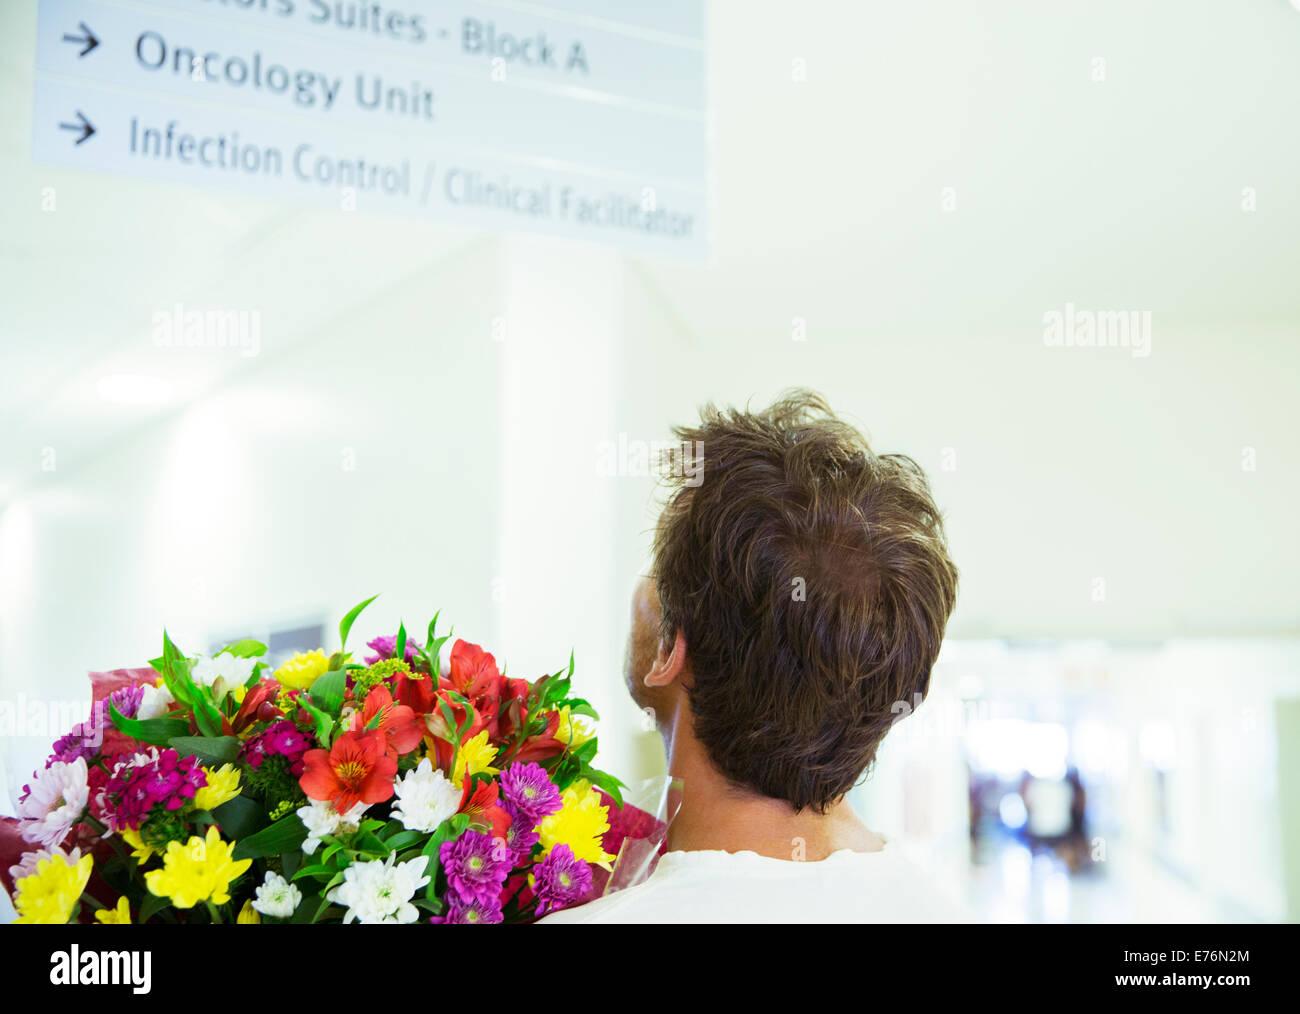 Homme portant un bouquet de fleurs à l'hôpital Photo Stock